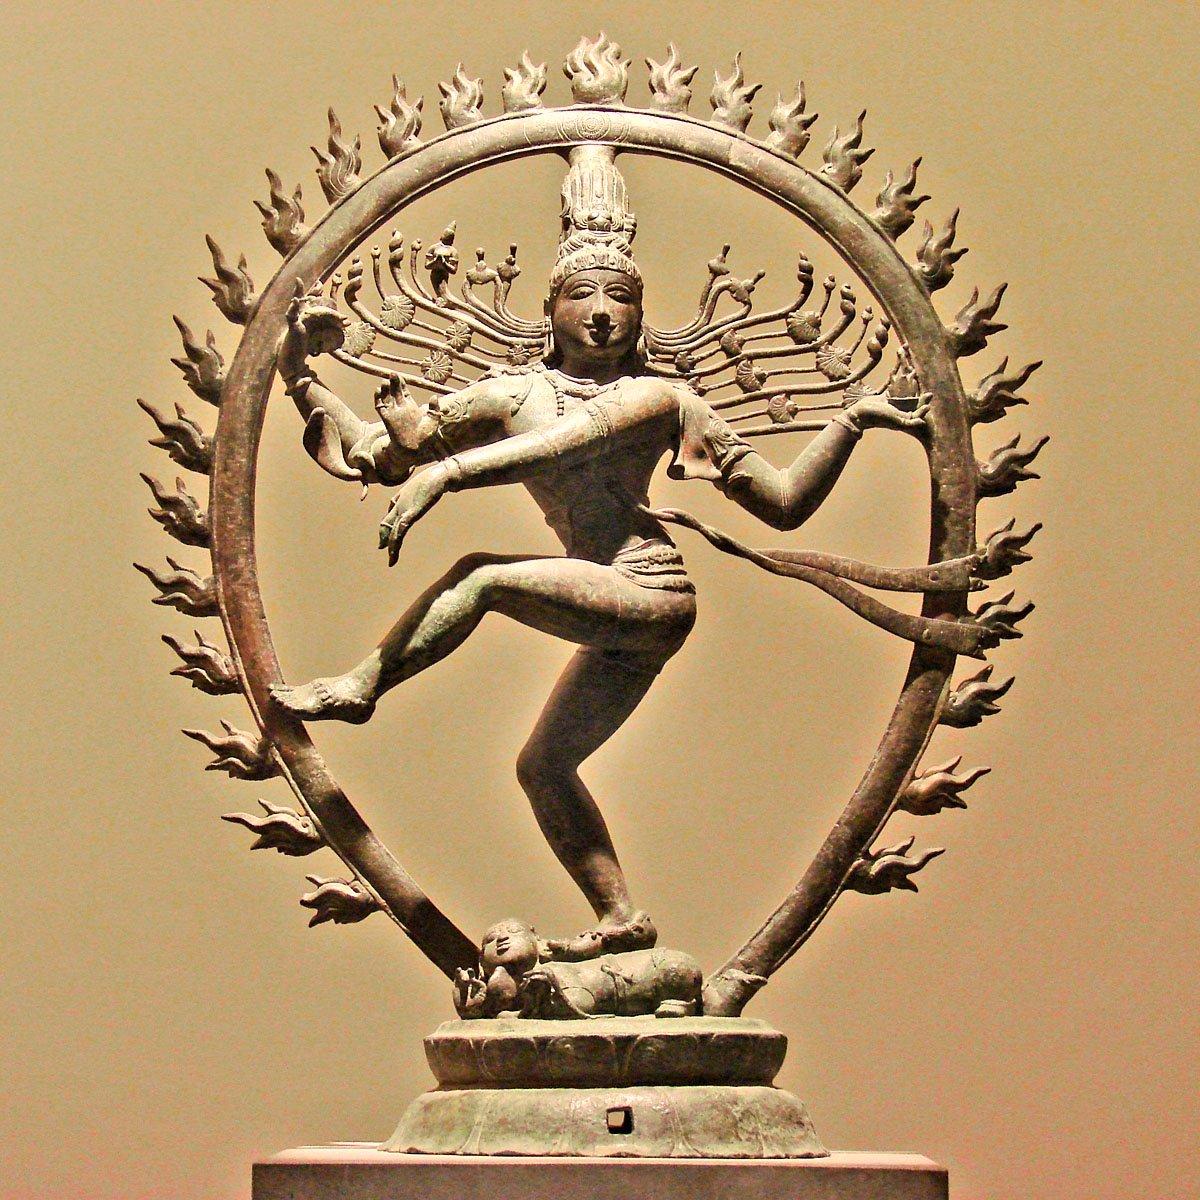 Nataraja Mahashivratri